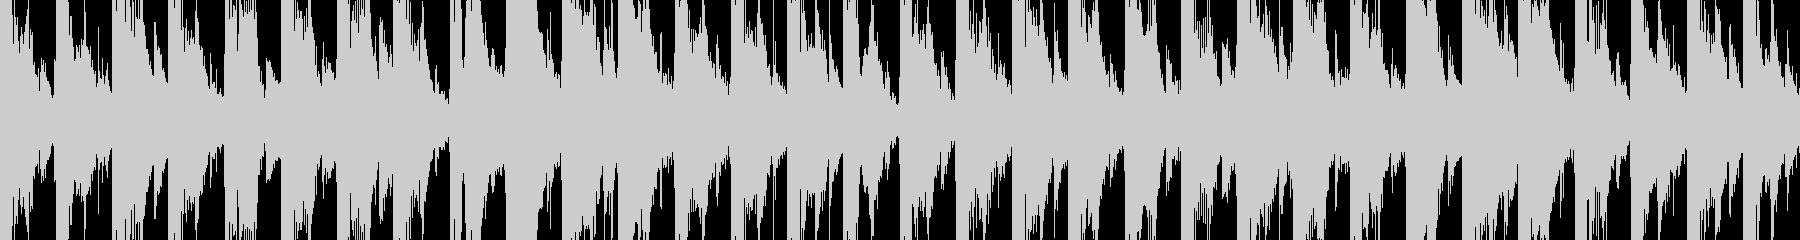 ちょっとミステリアスなエレクトロBGMの未再生の波形